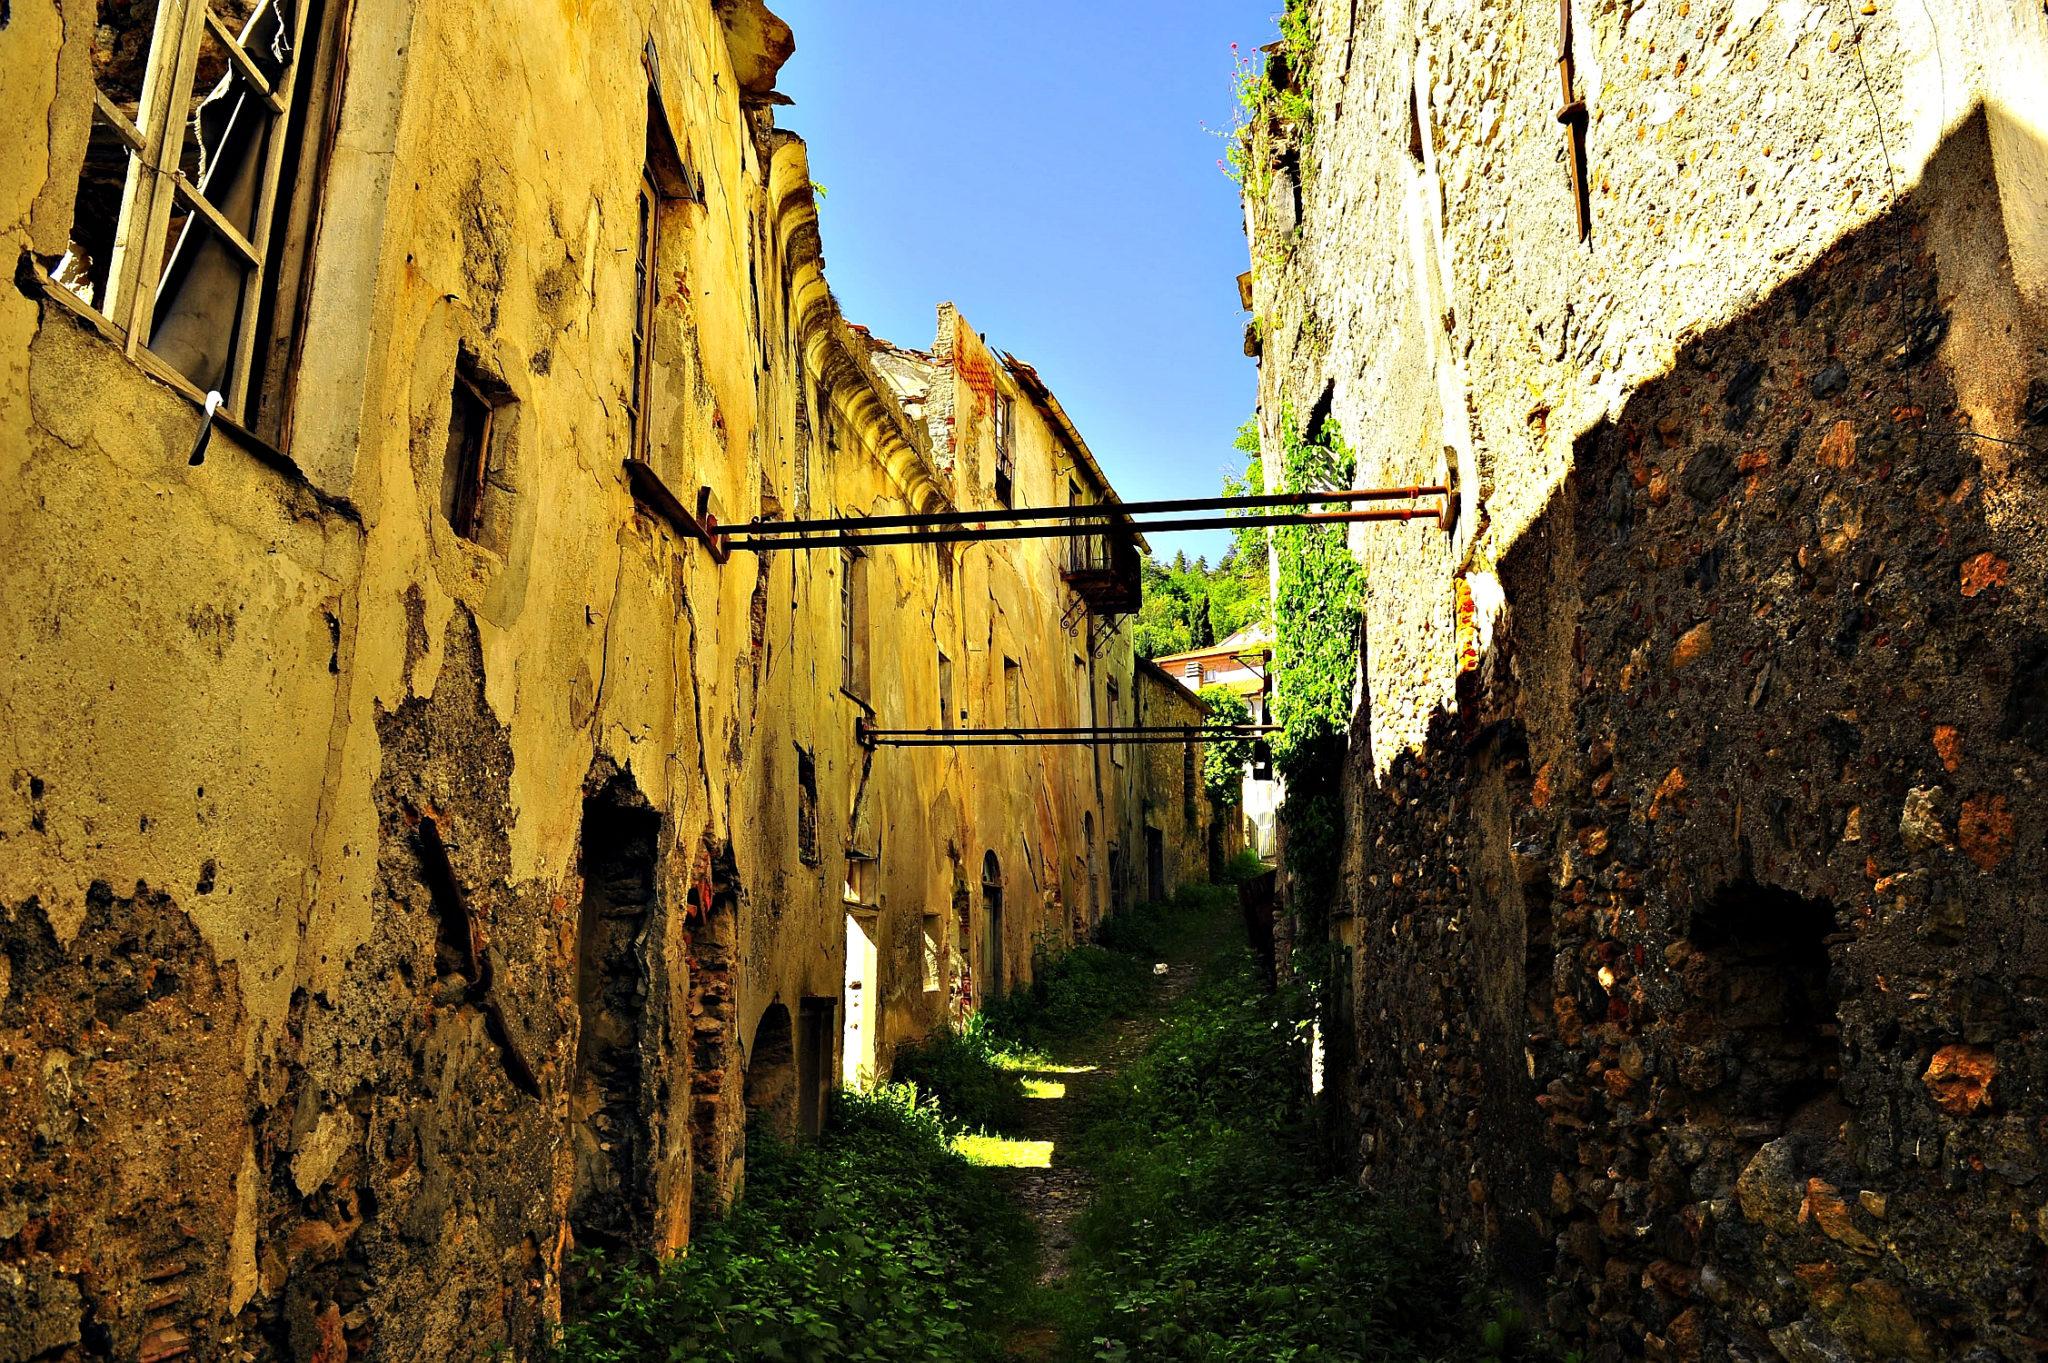 pueblos fantasma Balestrino 2